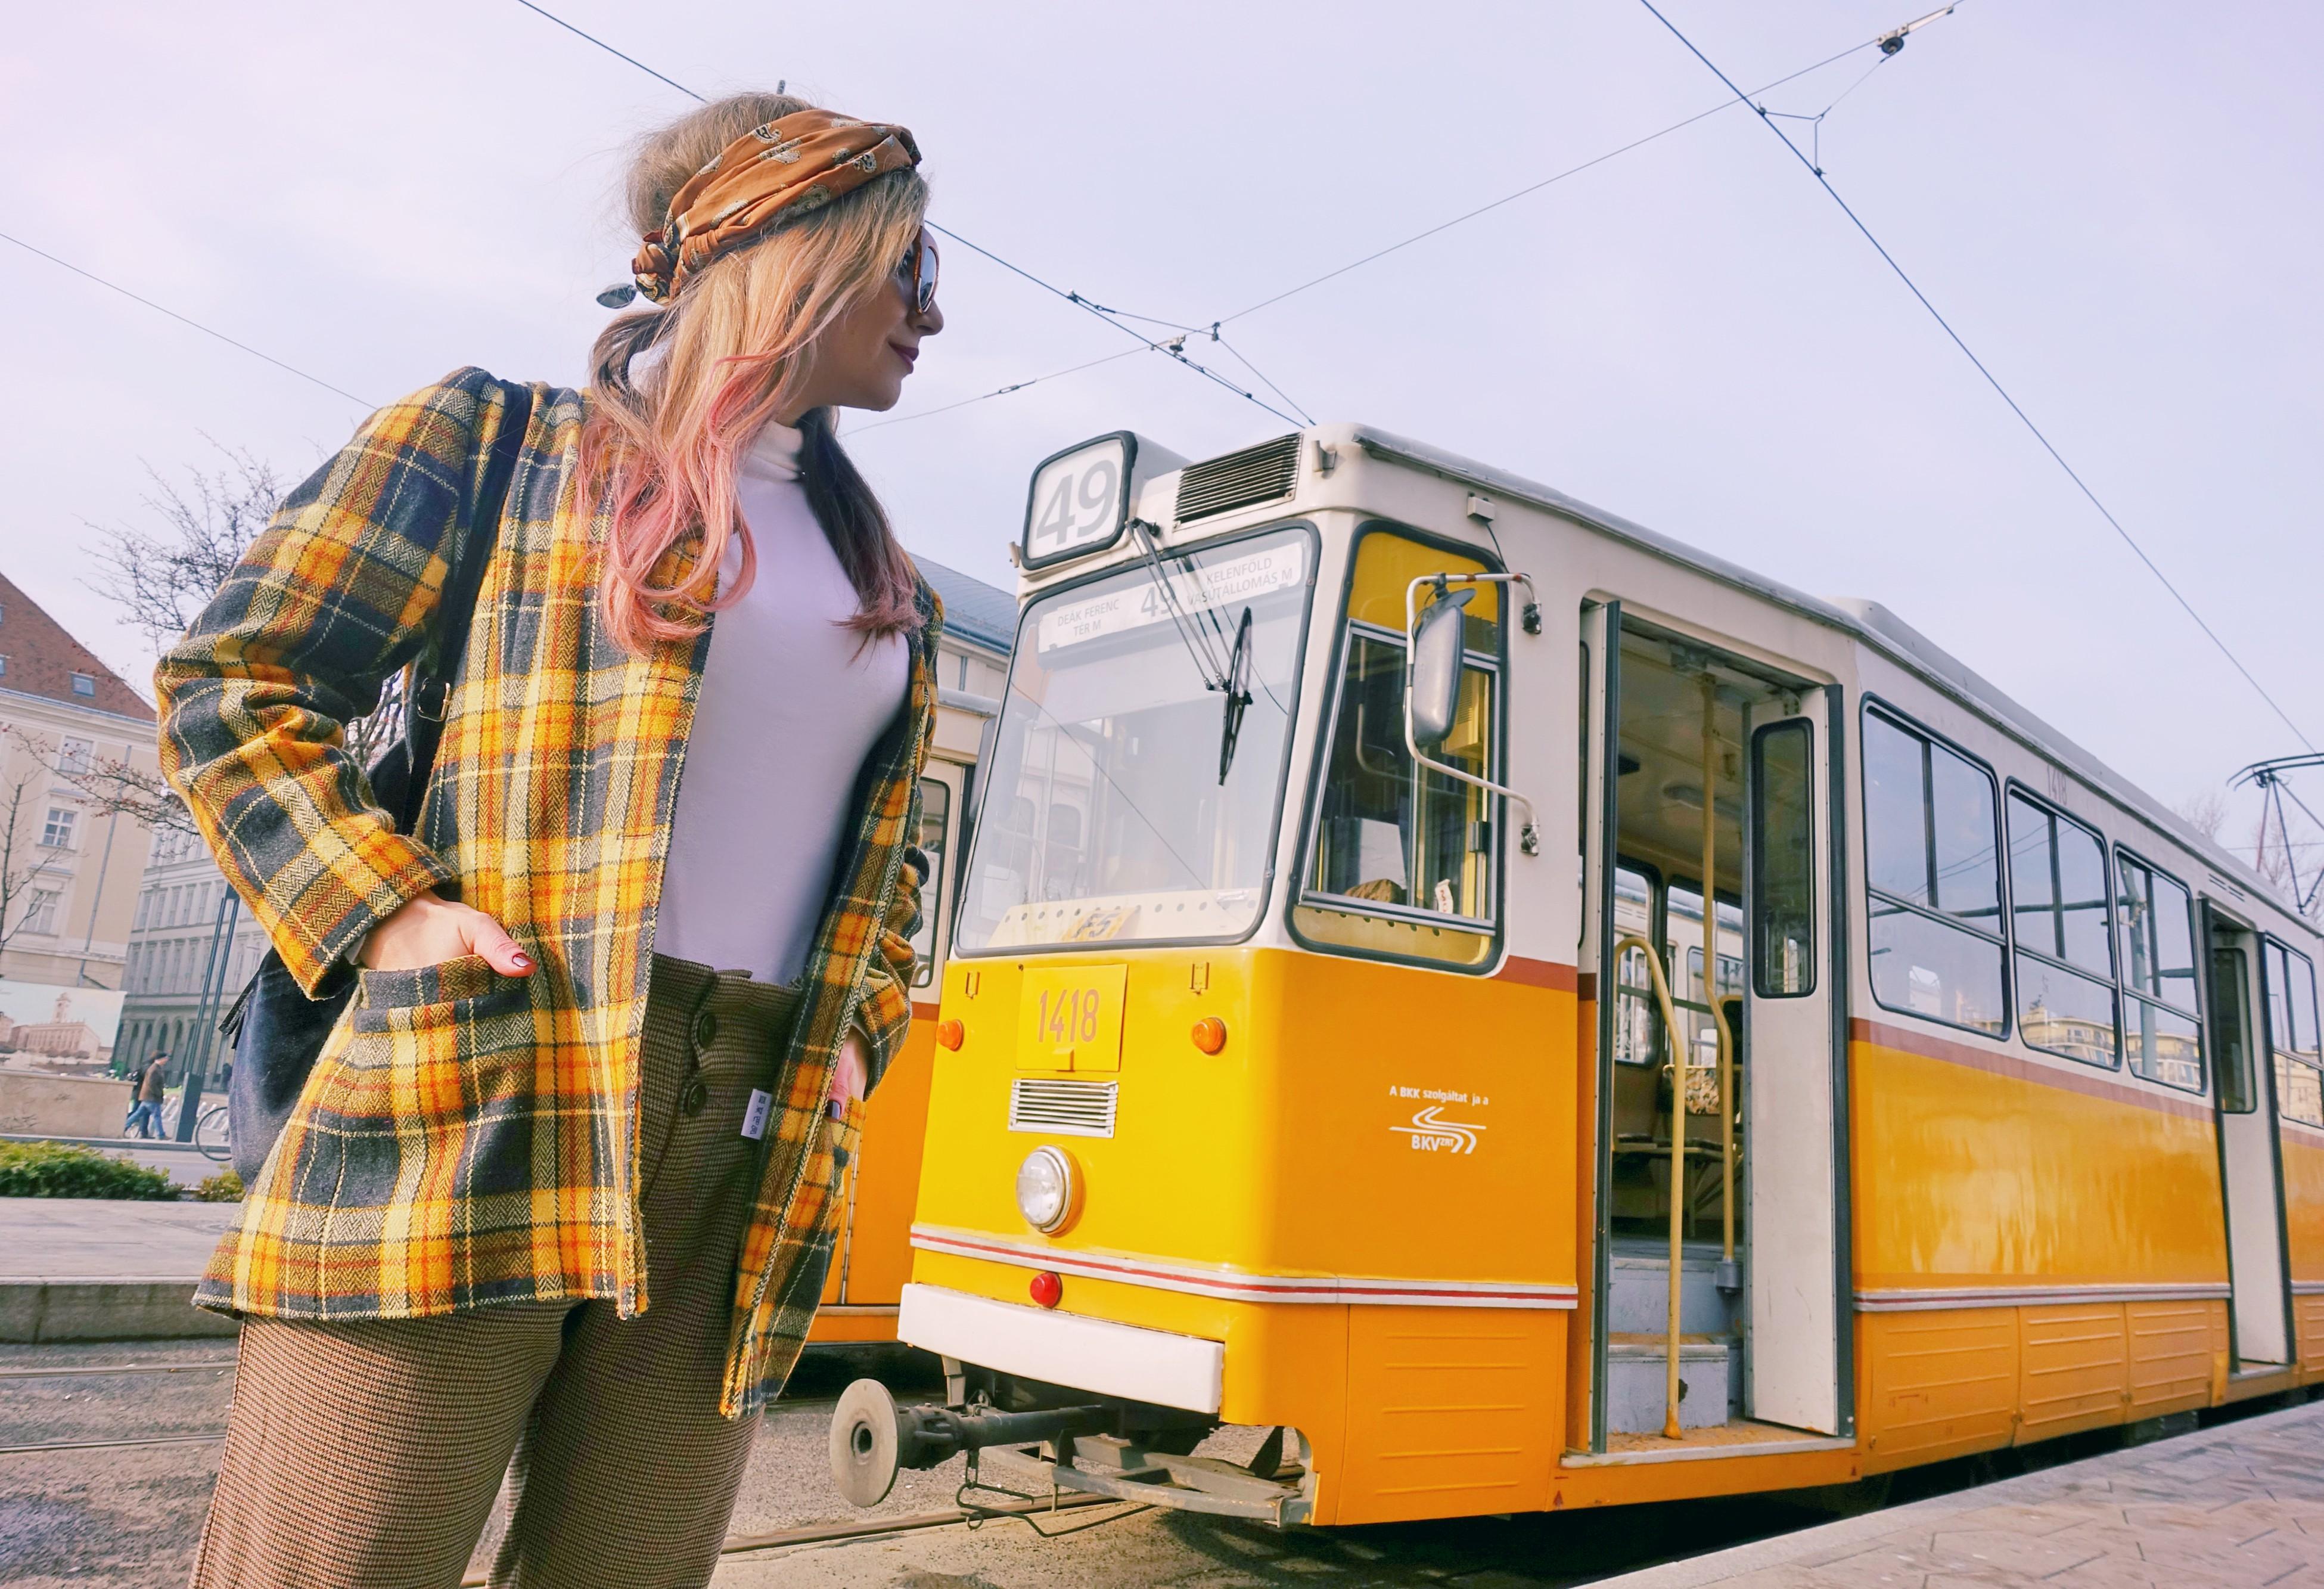 Que-ver-en-Budapest-blog-de-moda-ChicAdicta-fashionista-influencer-Chic-Adicta-conjunto-de-cuadros-vintage-look-PiensaenChic-Piensa-en-Chic